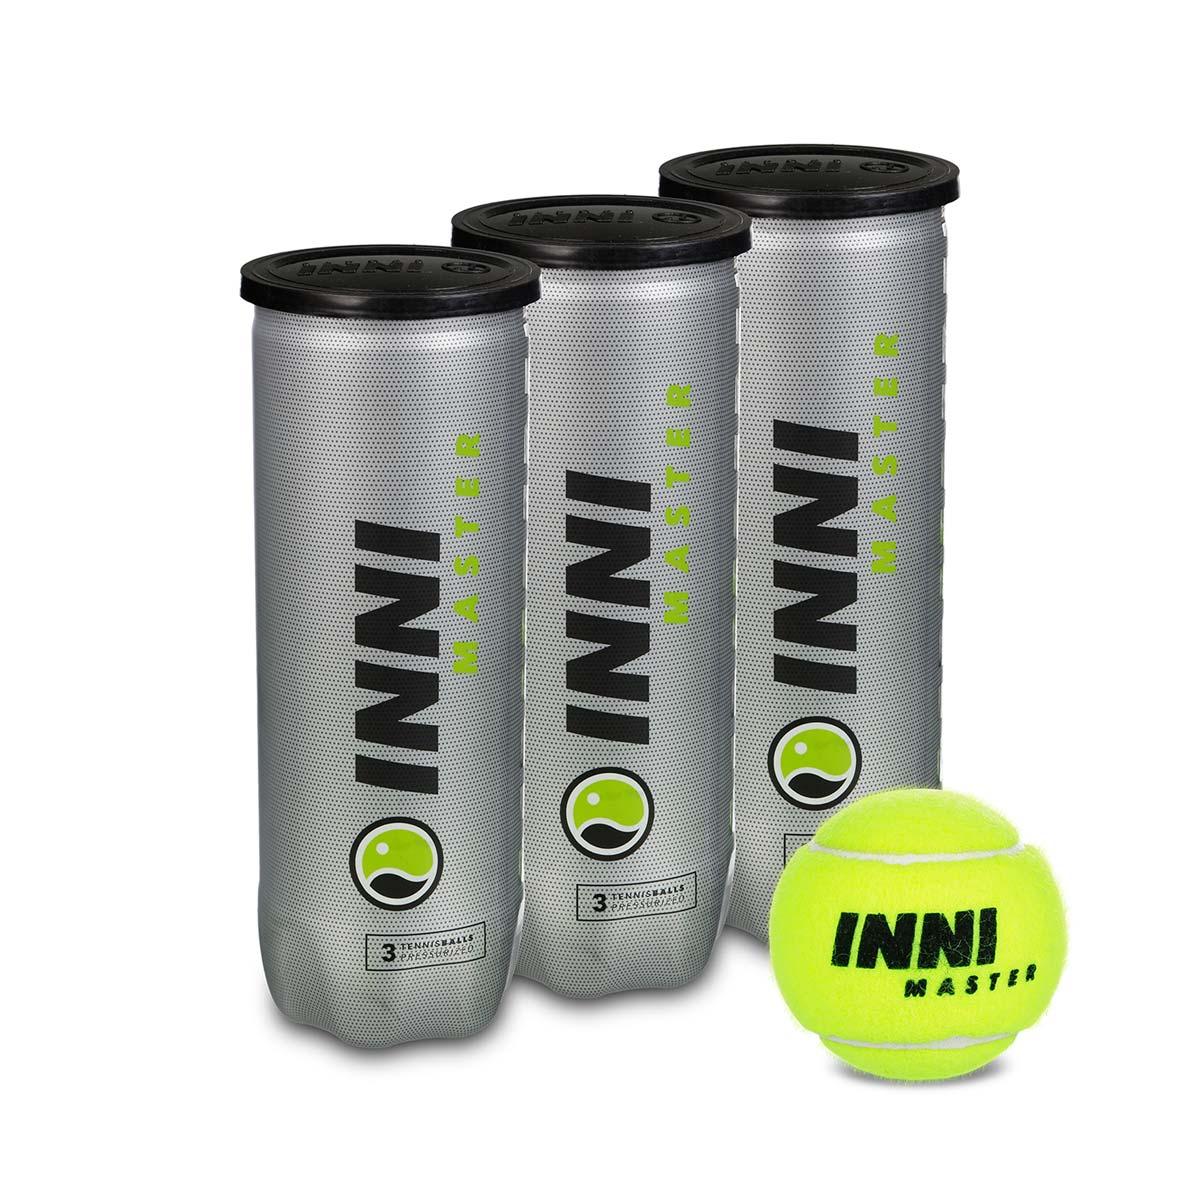 Bola de Tênis Inni Master - Pack Com 03 Tubos